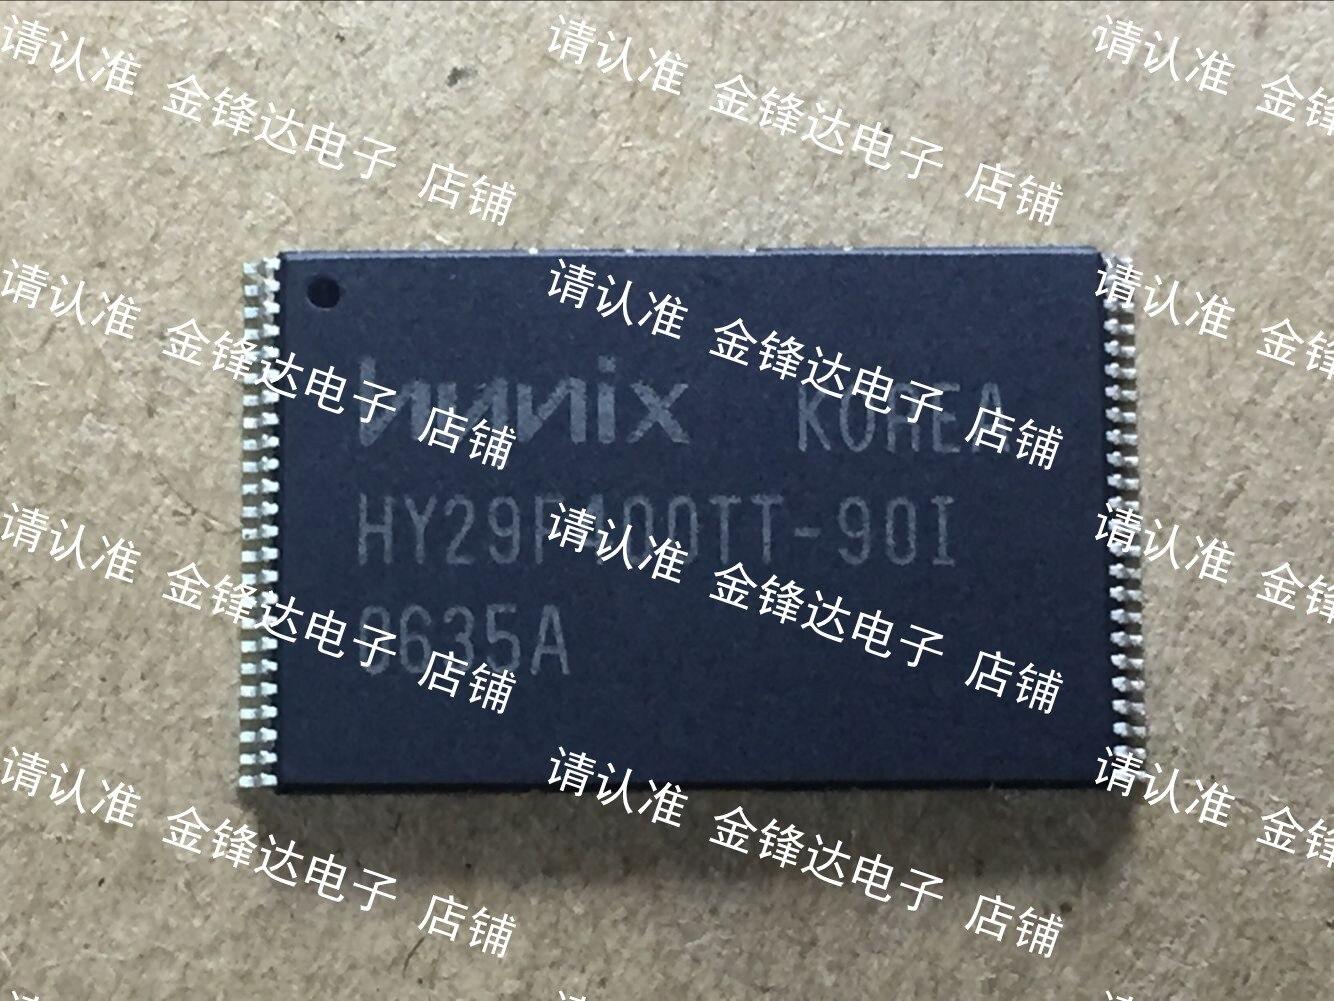 HY29F400TT-90I / TT-70 / TT-70I